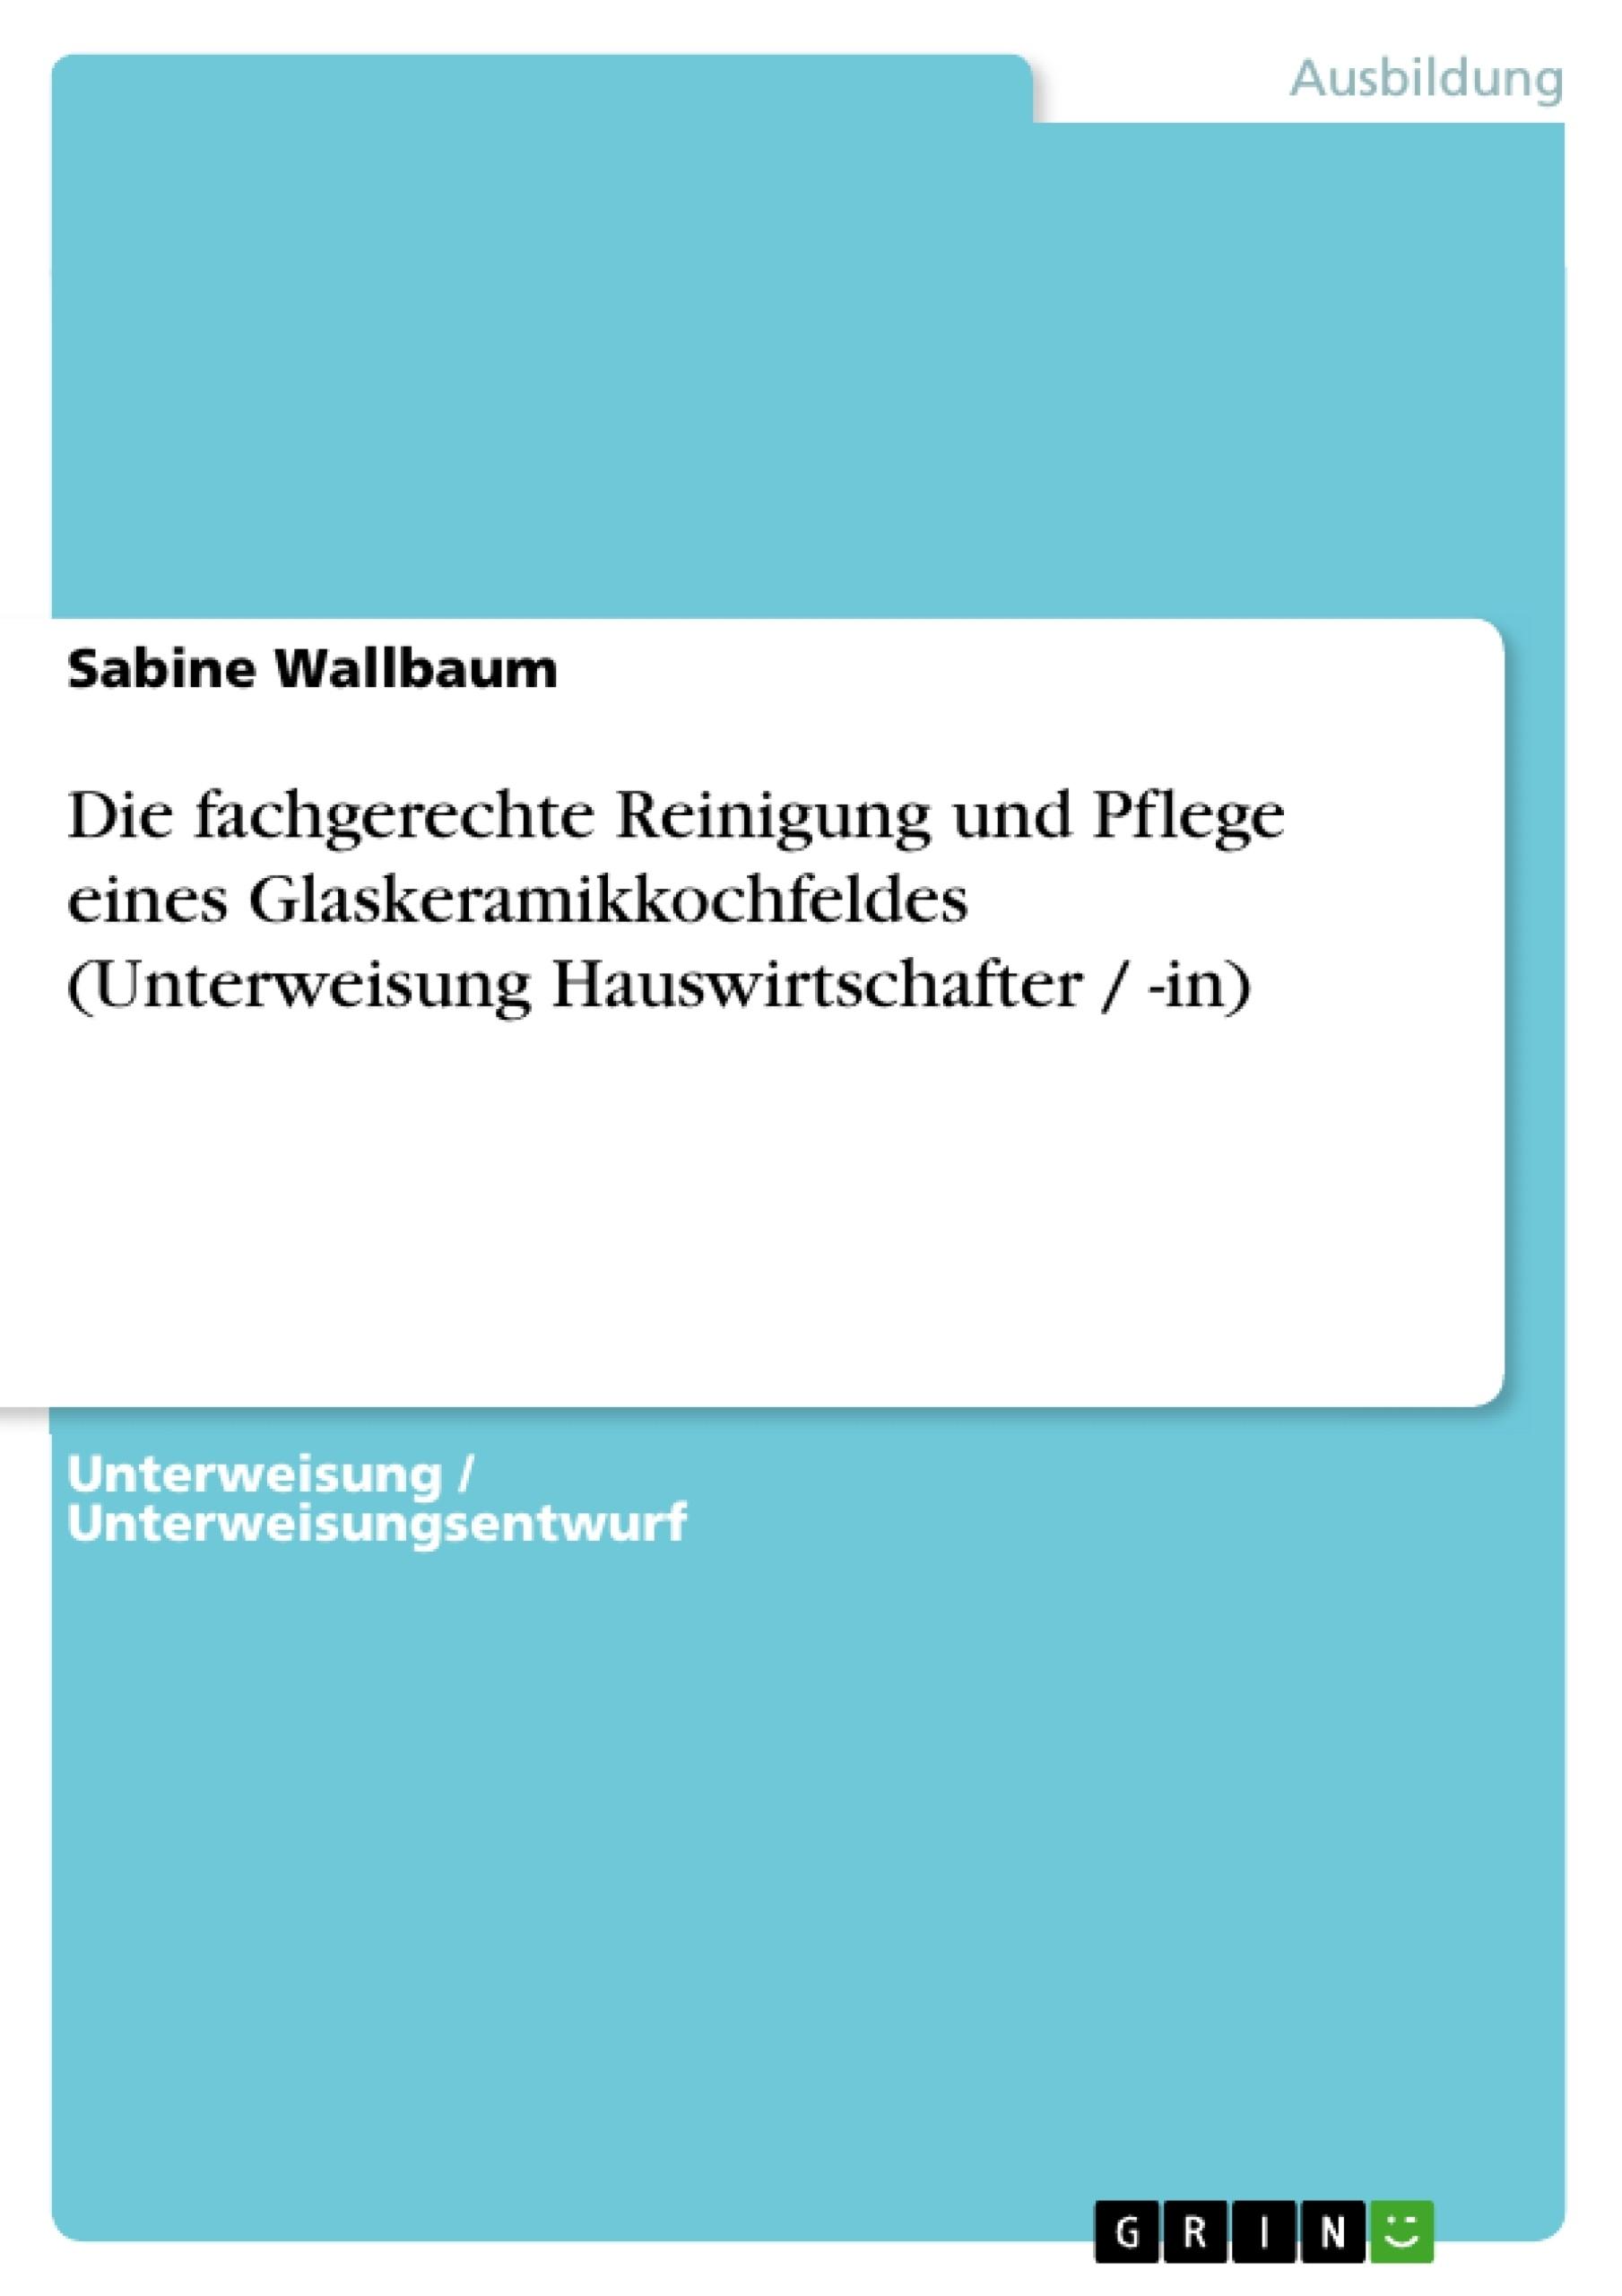 Titel: Die fachgerechte Reinigung und Pflege eines Glaskeramikkochfeldes (Unterweisung Hauswirtschafter / -in)